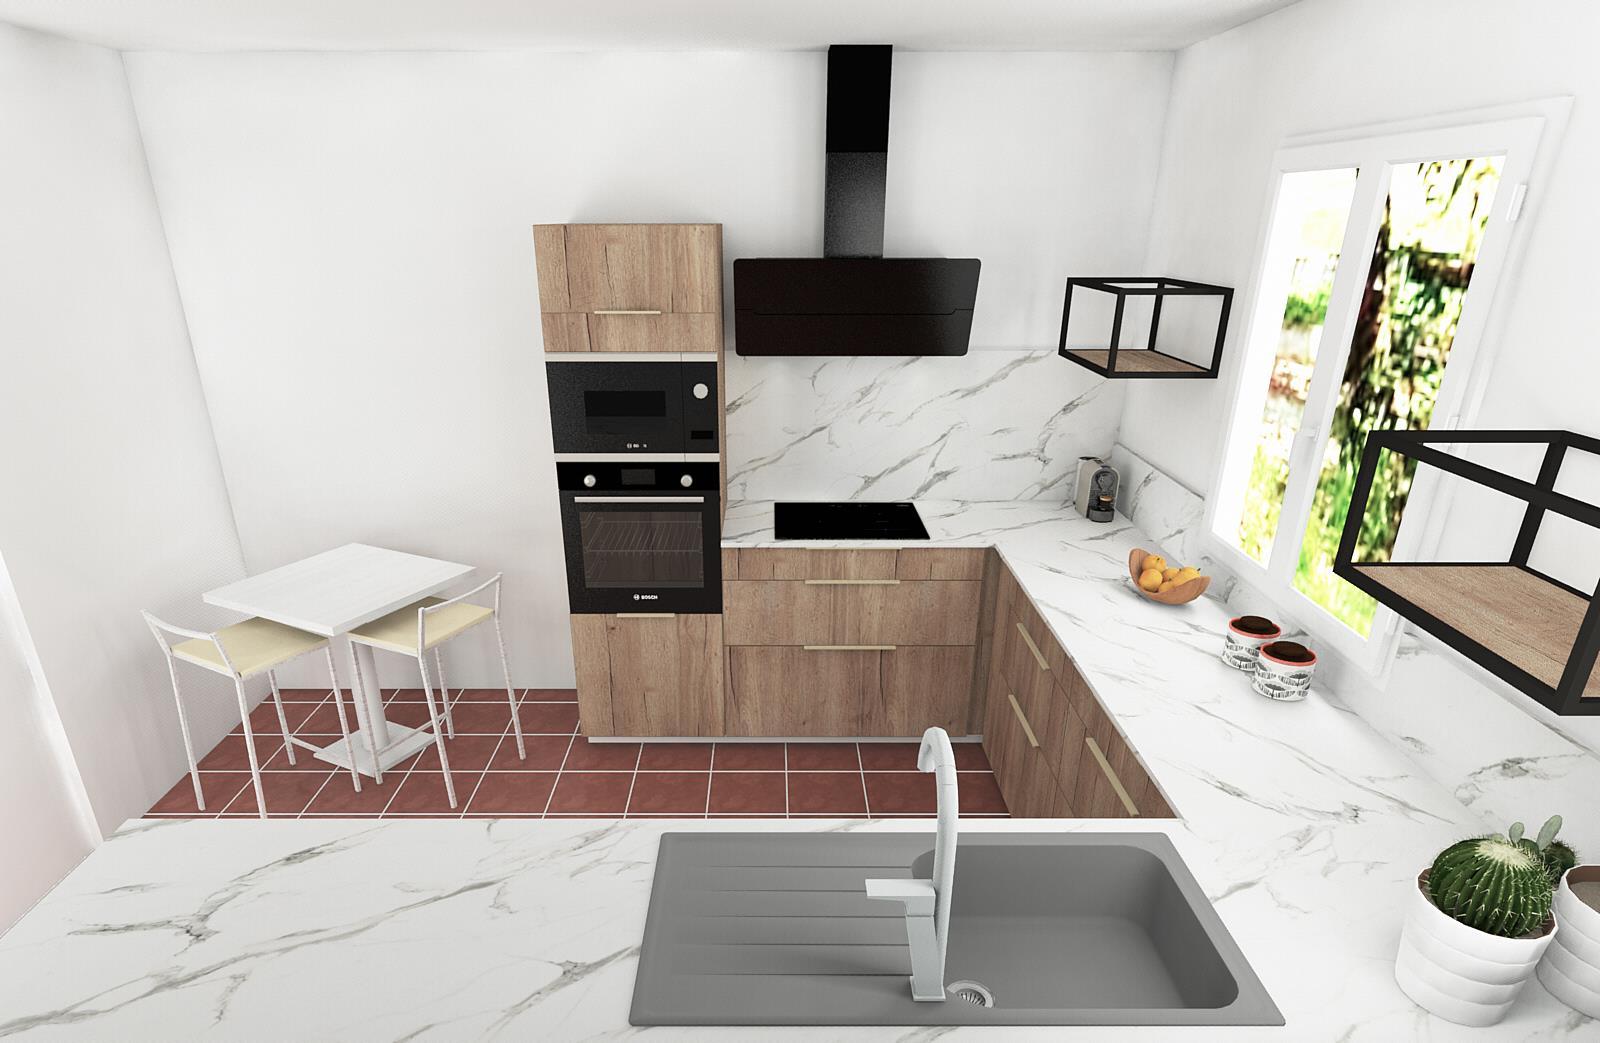 Conception cuisine par Kty.L, décoratrice d'intérieur, UFDI, Avignon et Nîmes : plan de conception de la cuisine